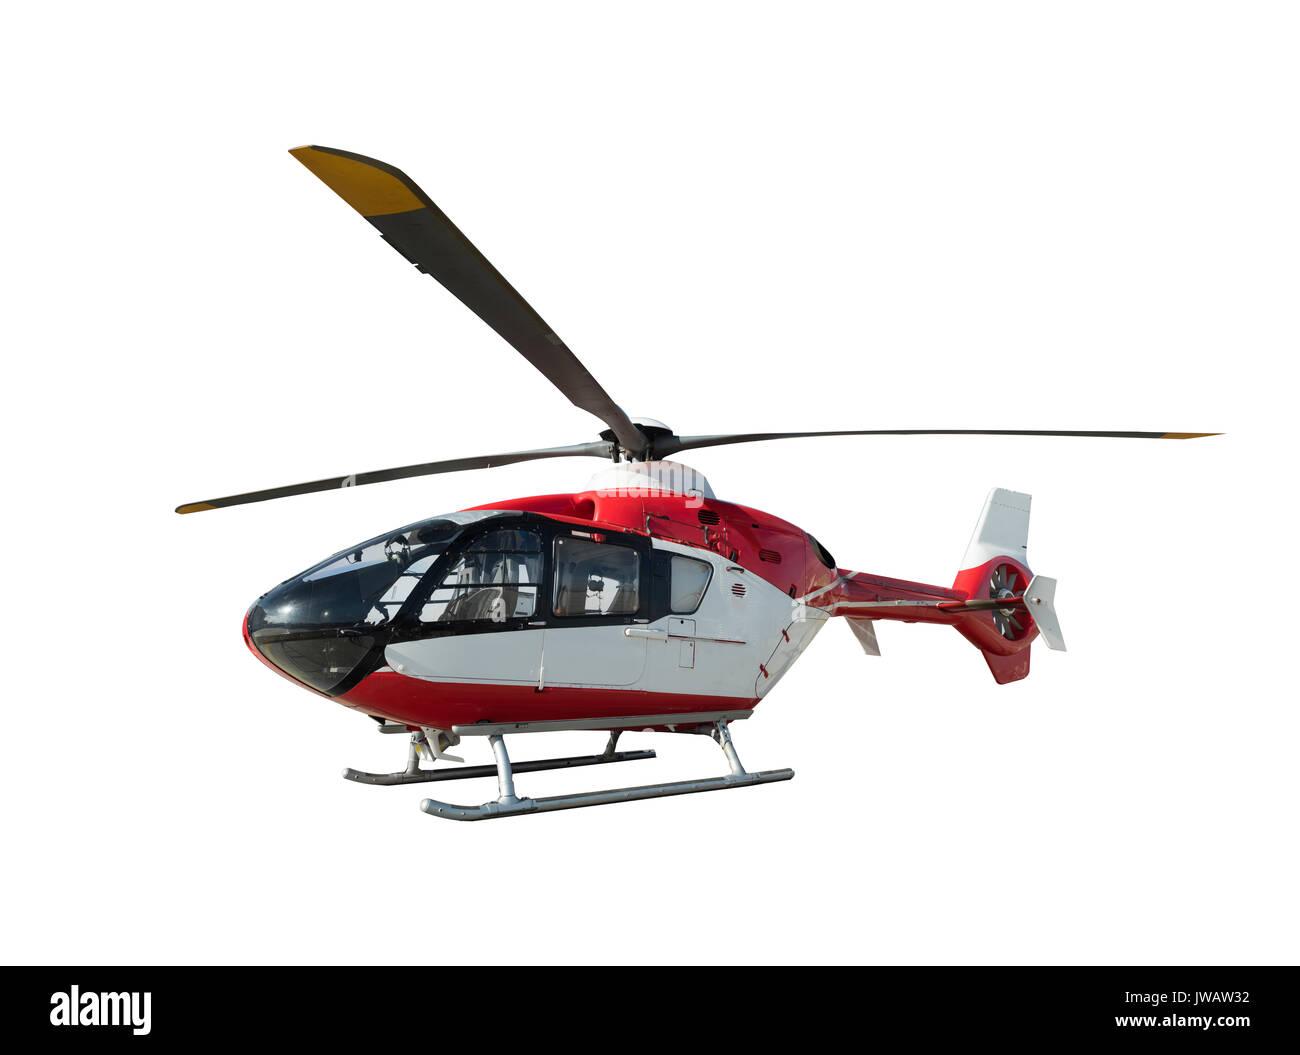 Ambulance helicopter - Stock Image